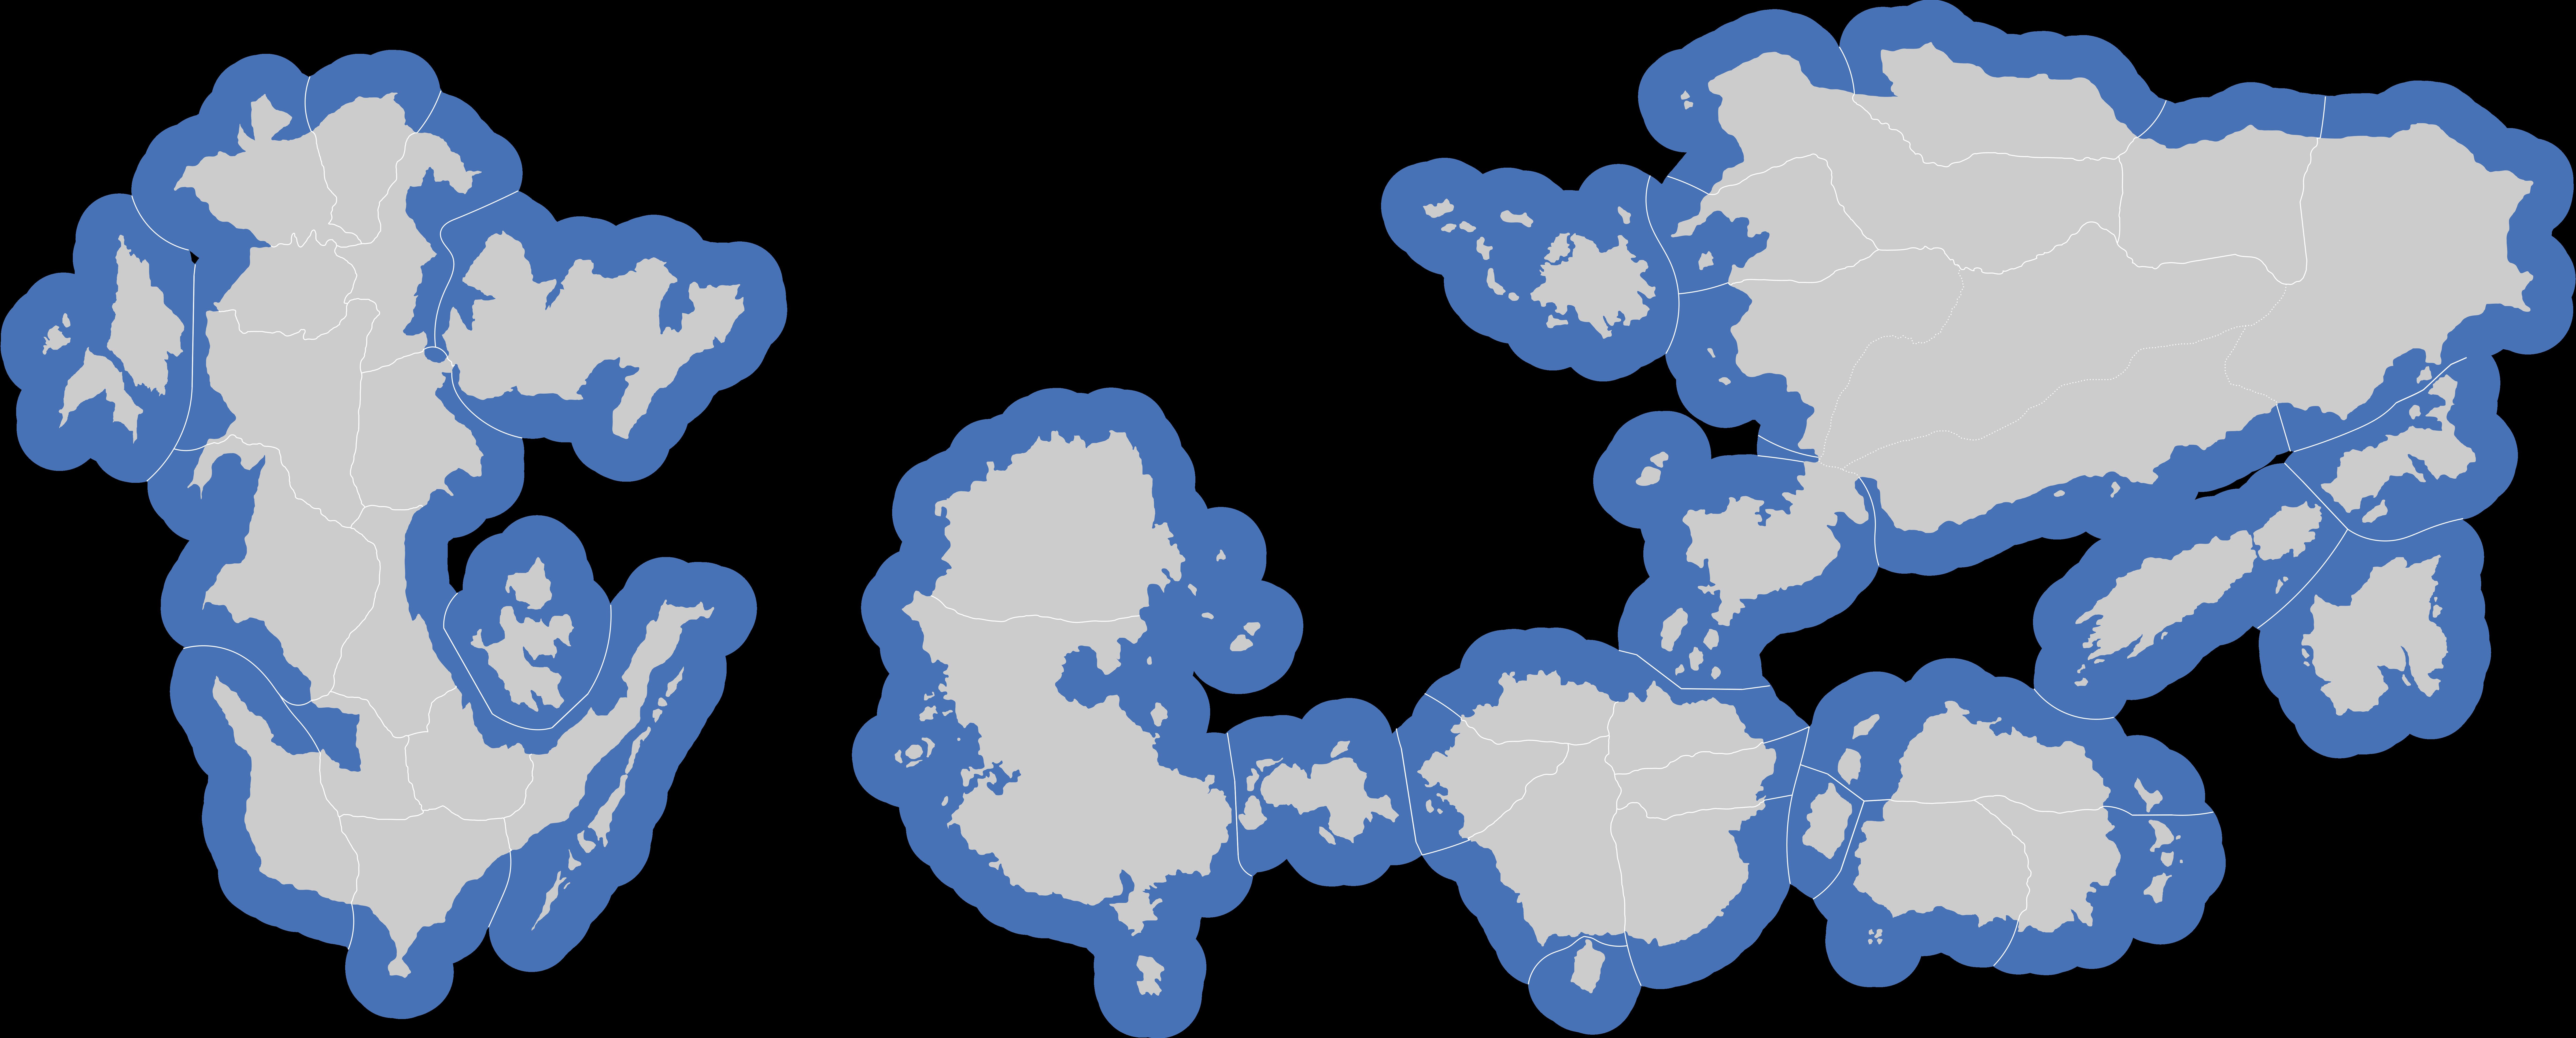 Intégration de l'économie marine et détermination des zones maritimes - Page 4 180420074704310246